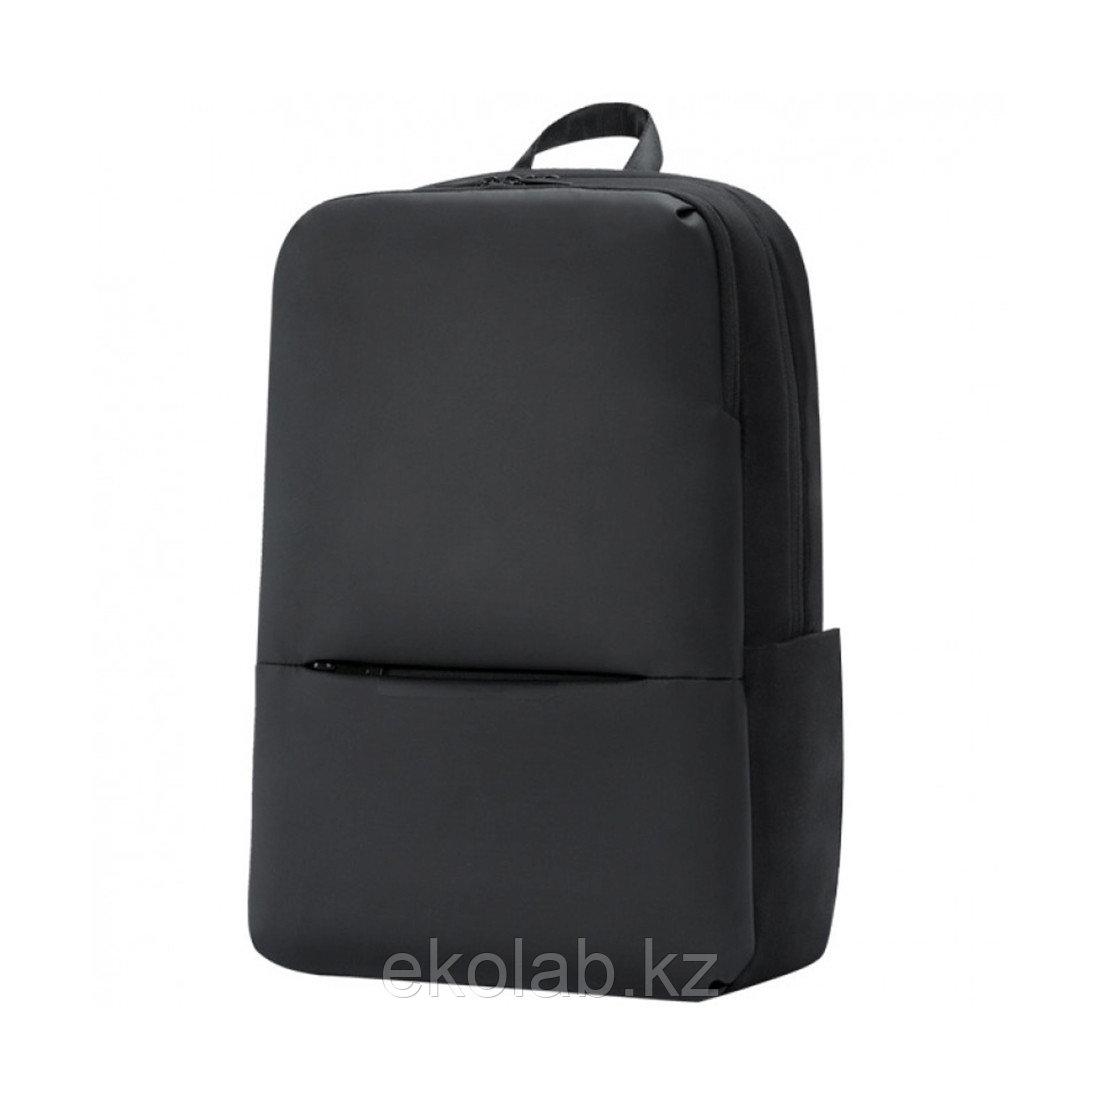 Рюкзак для ноутбука Xiaomi Business Backpack 2 Чёрный